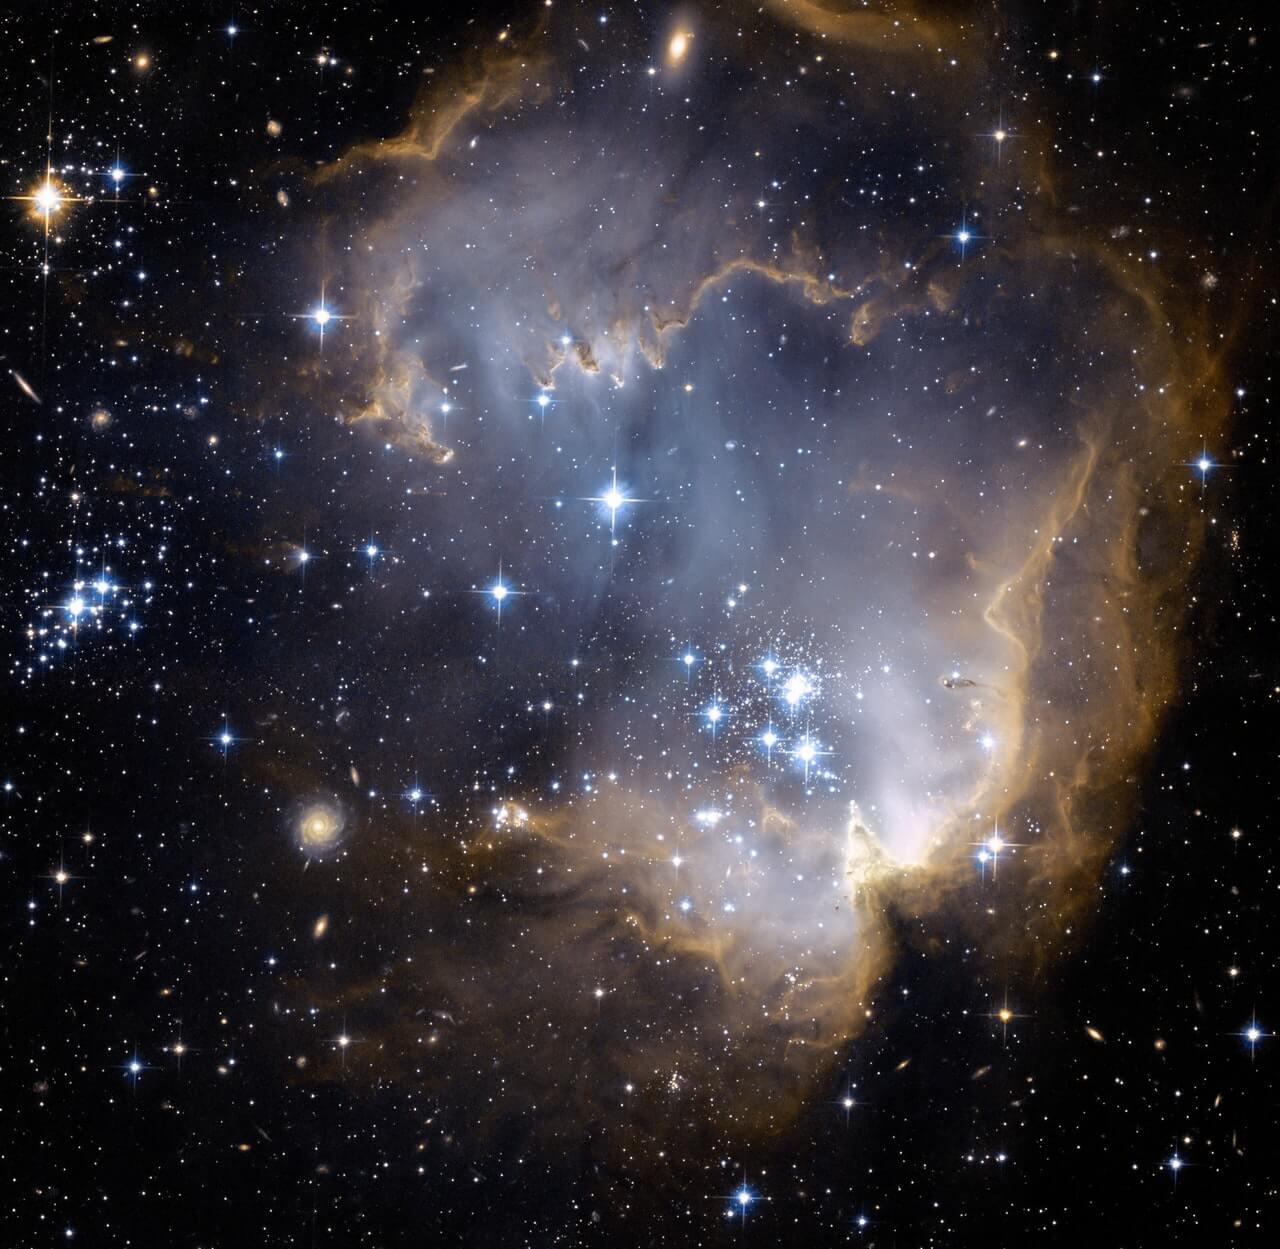 Aniara - är mänskligheten på väg till en galax långt bort?